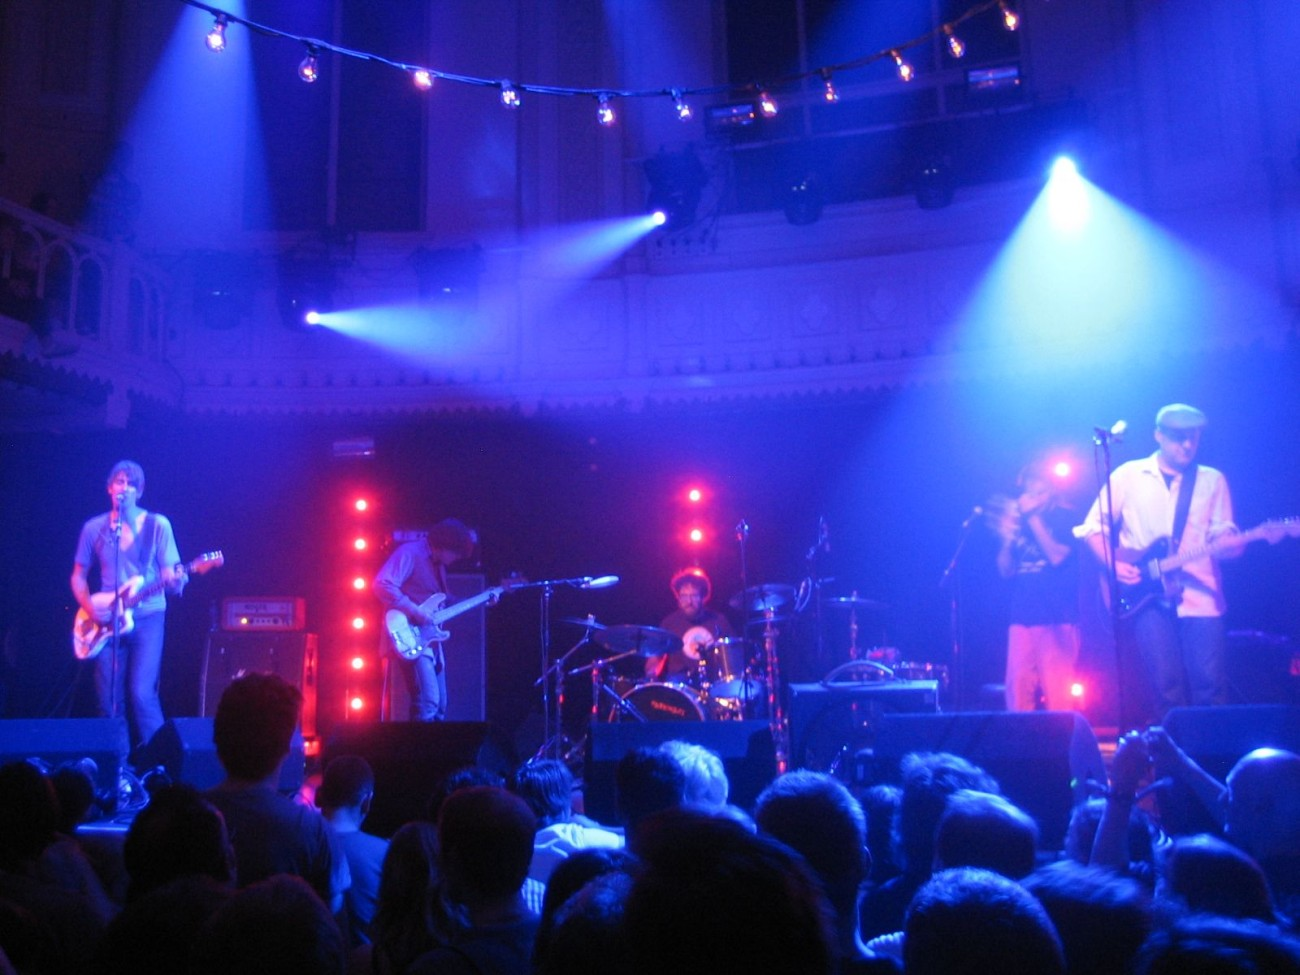 Lieblingsort #5: Das Paradiso, hier beim Konzert von Pavement 2010